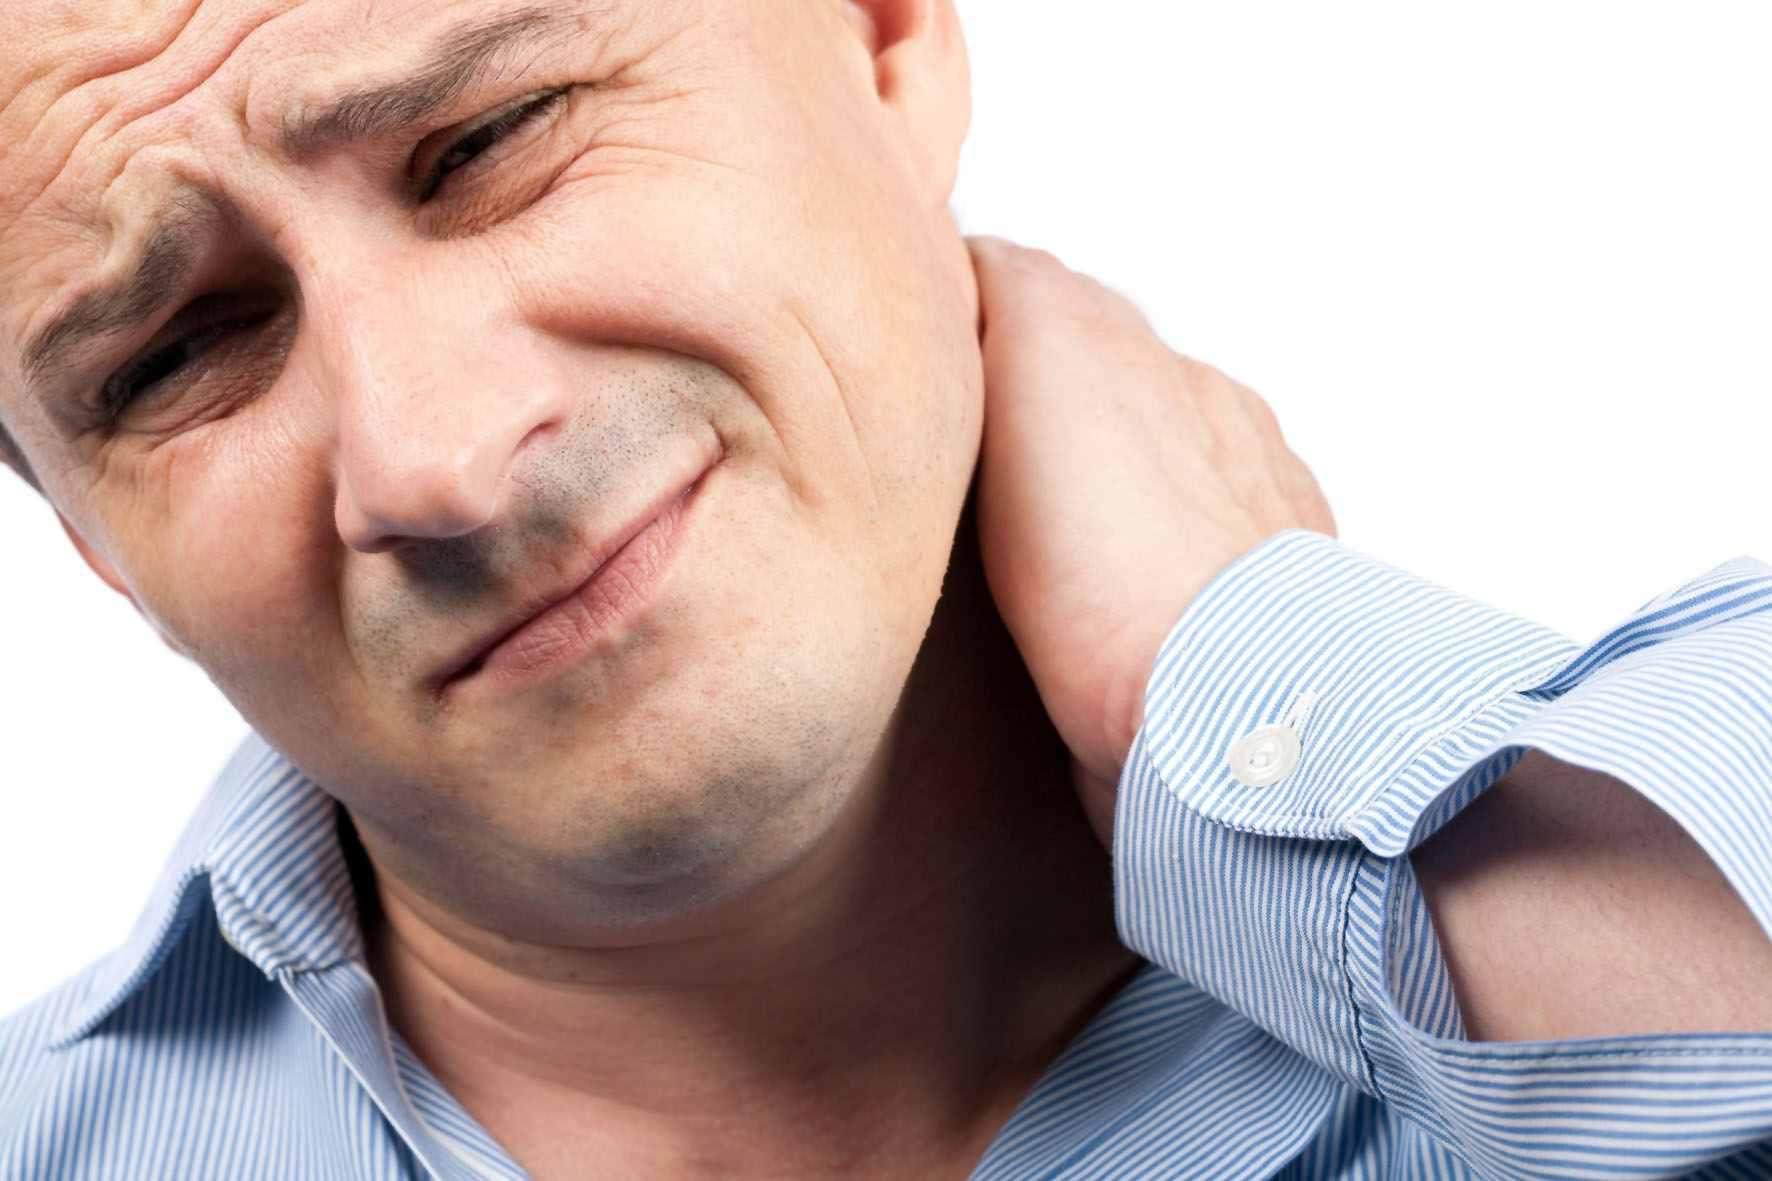 Шейный лимфаденит: причины, симптомы, лечение